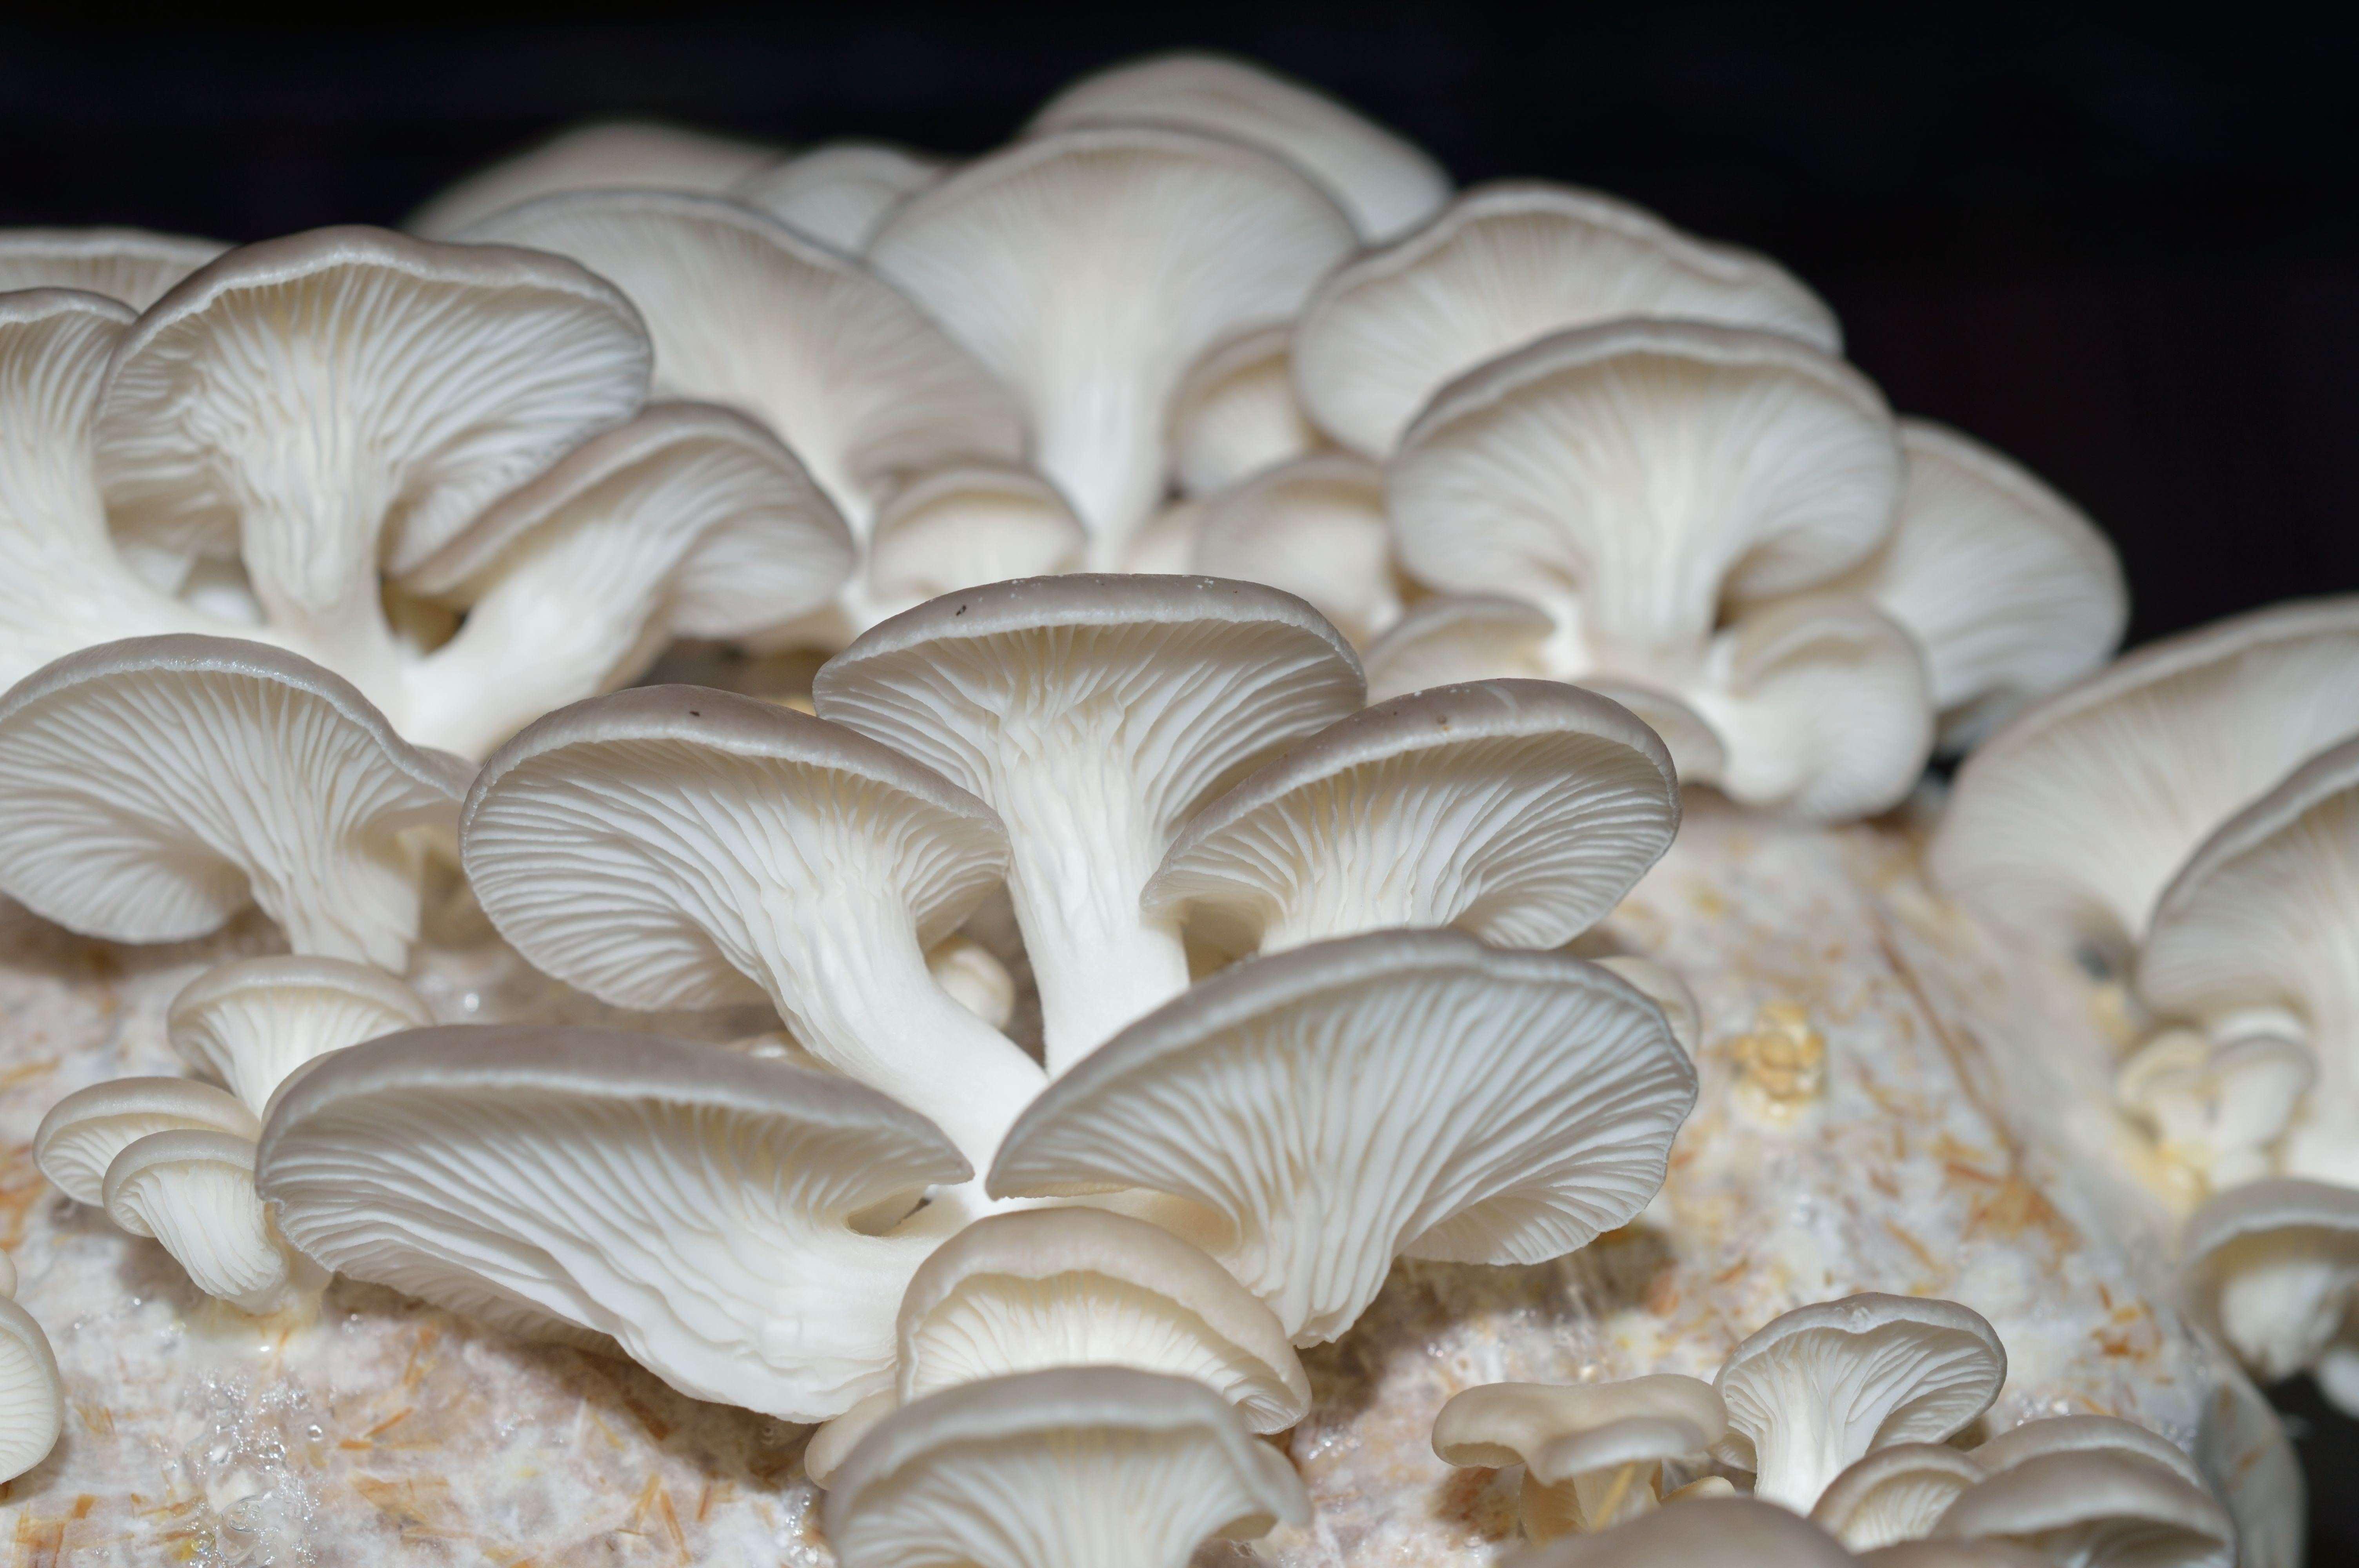 Mushrooms cultivation